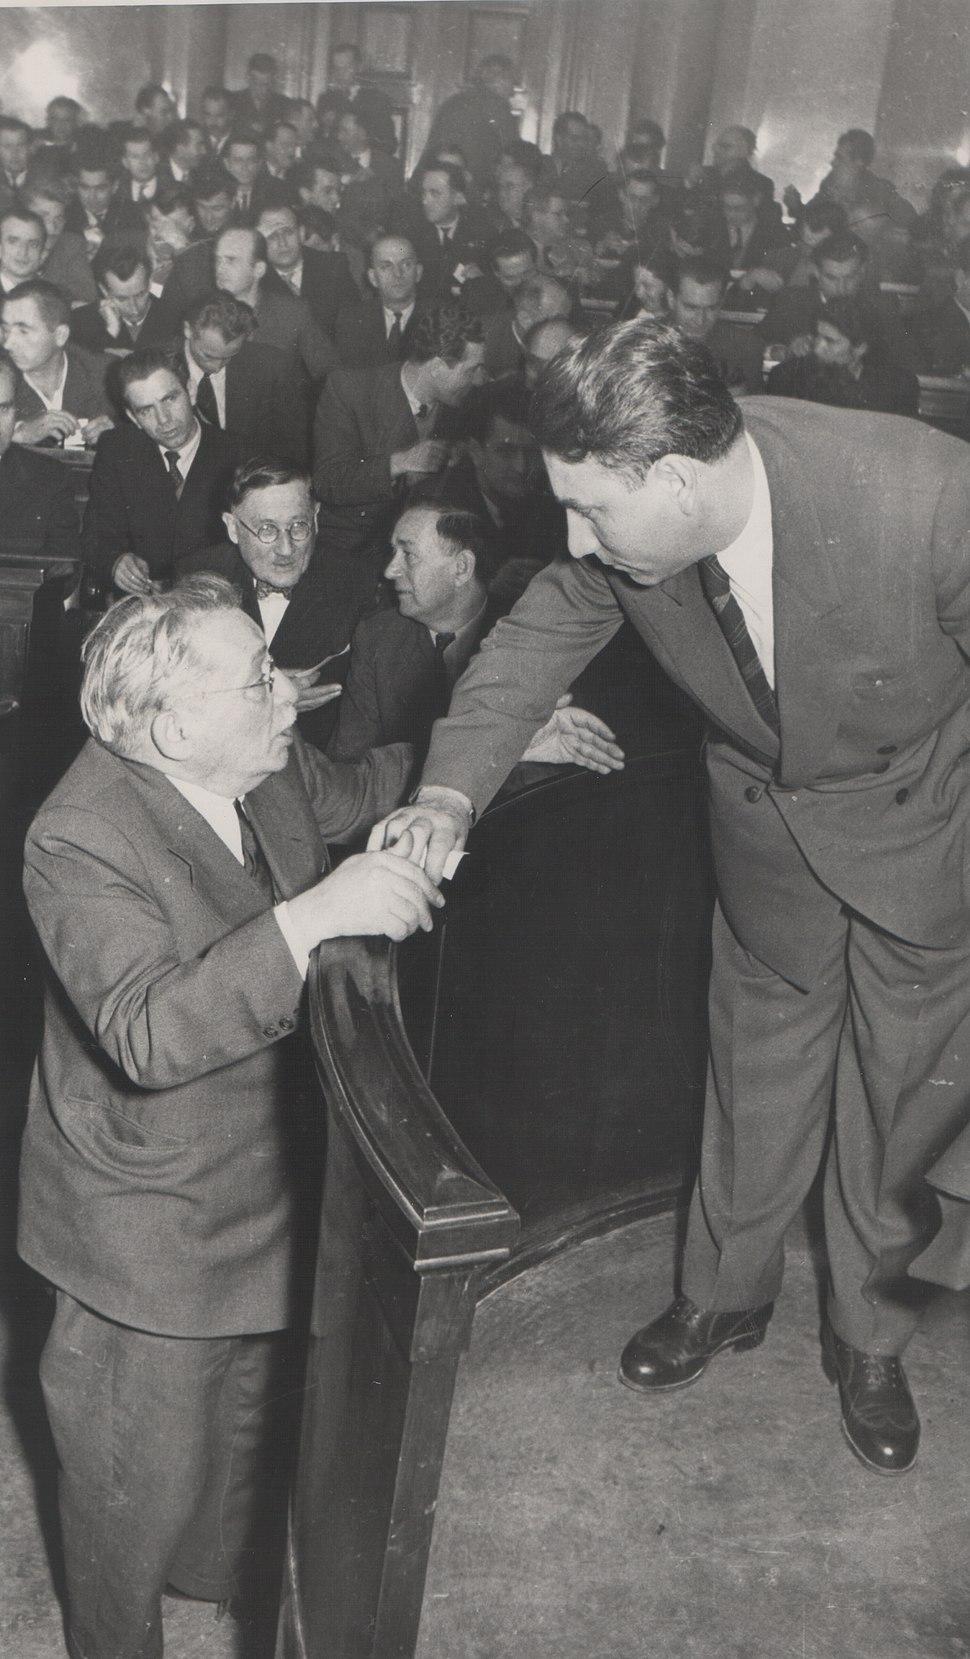 Stevan Kragujevic, Mosa Pijade i AleksandarRankovic, Narodna skupstina, 1955